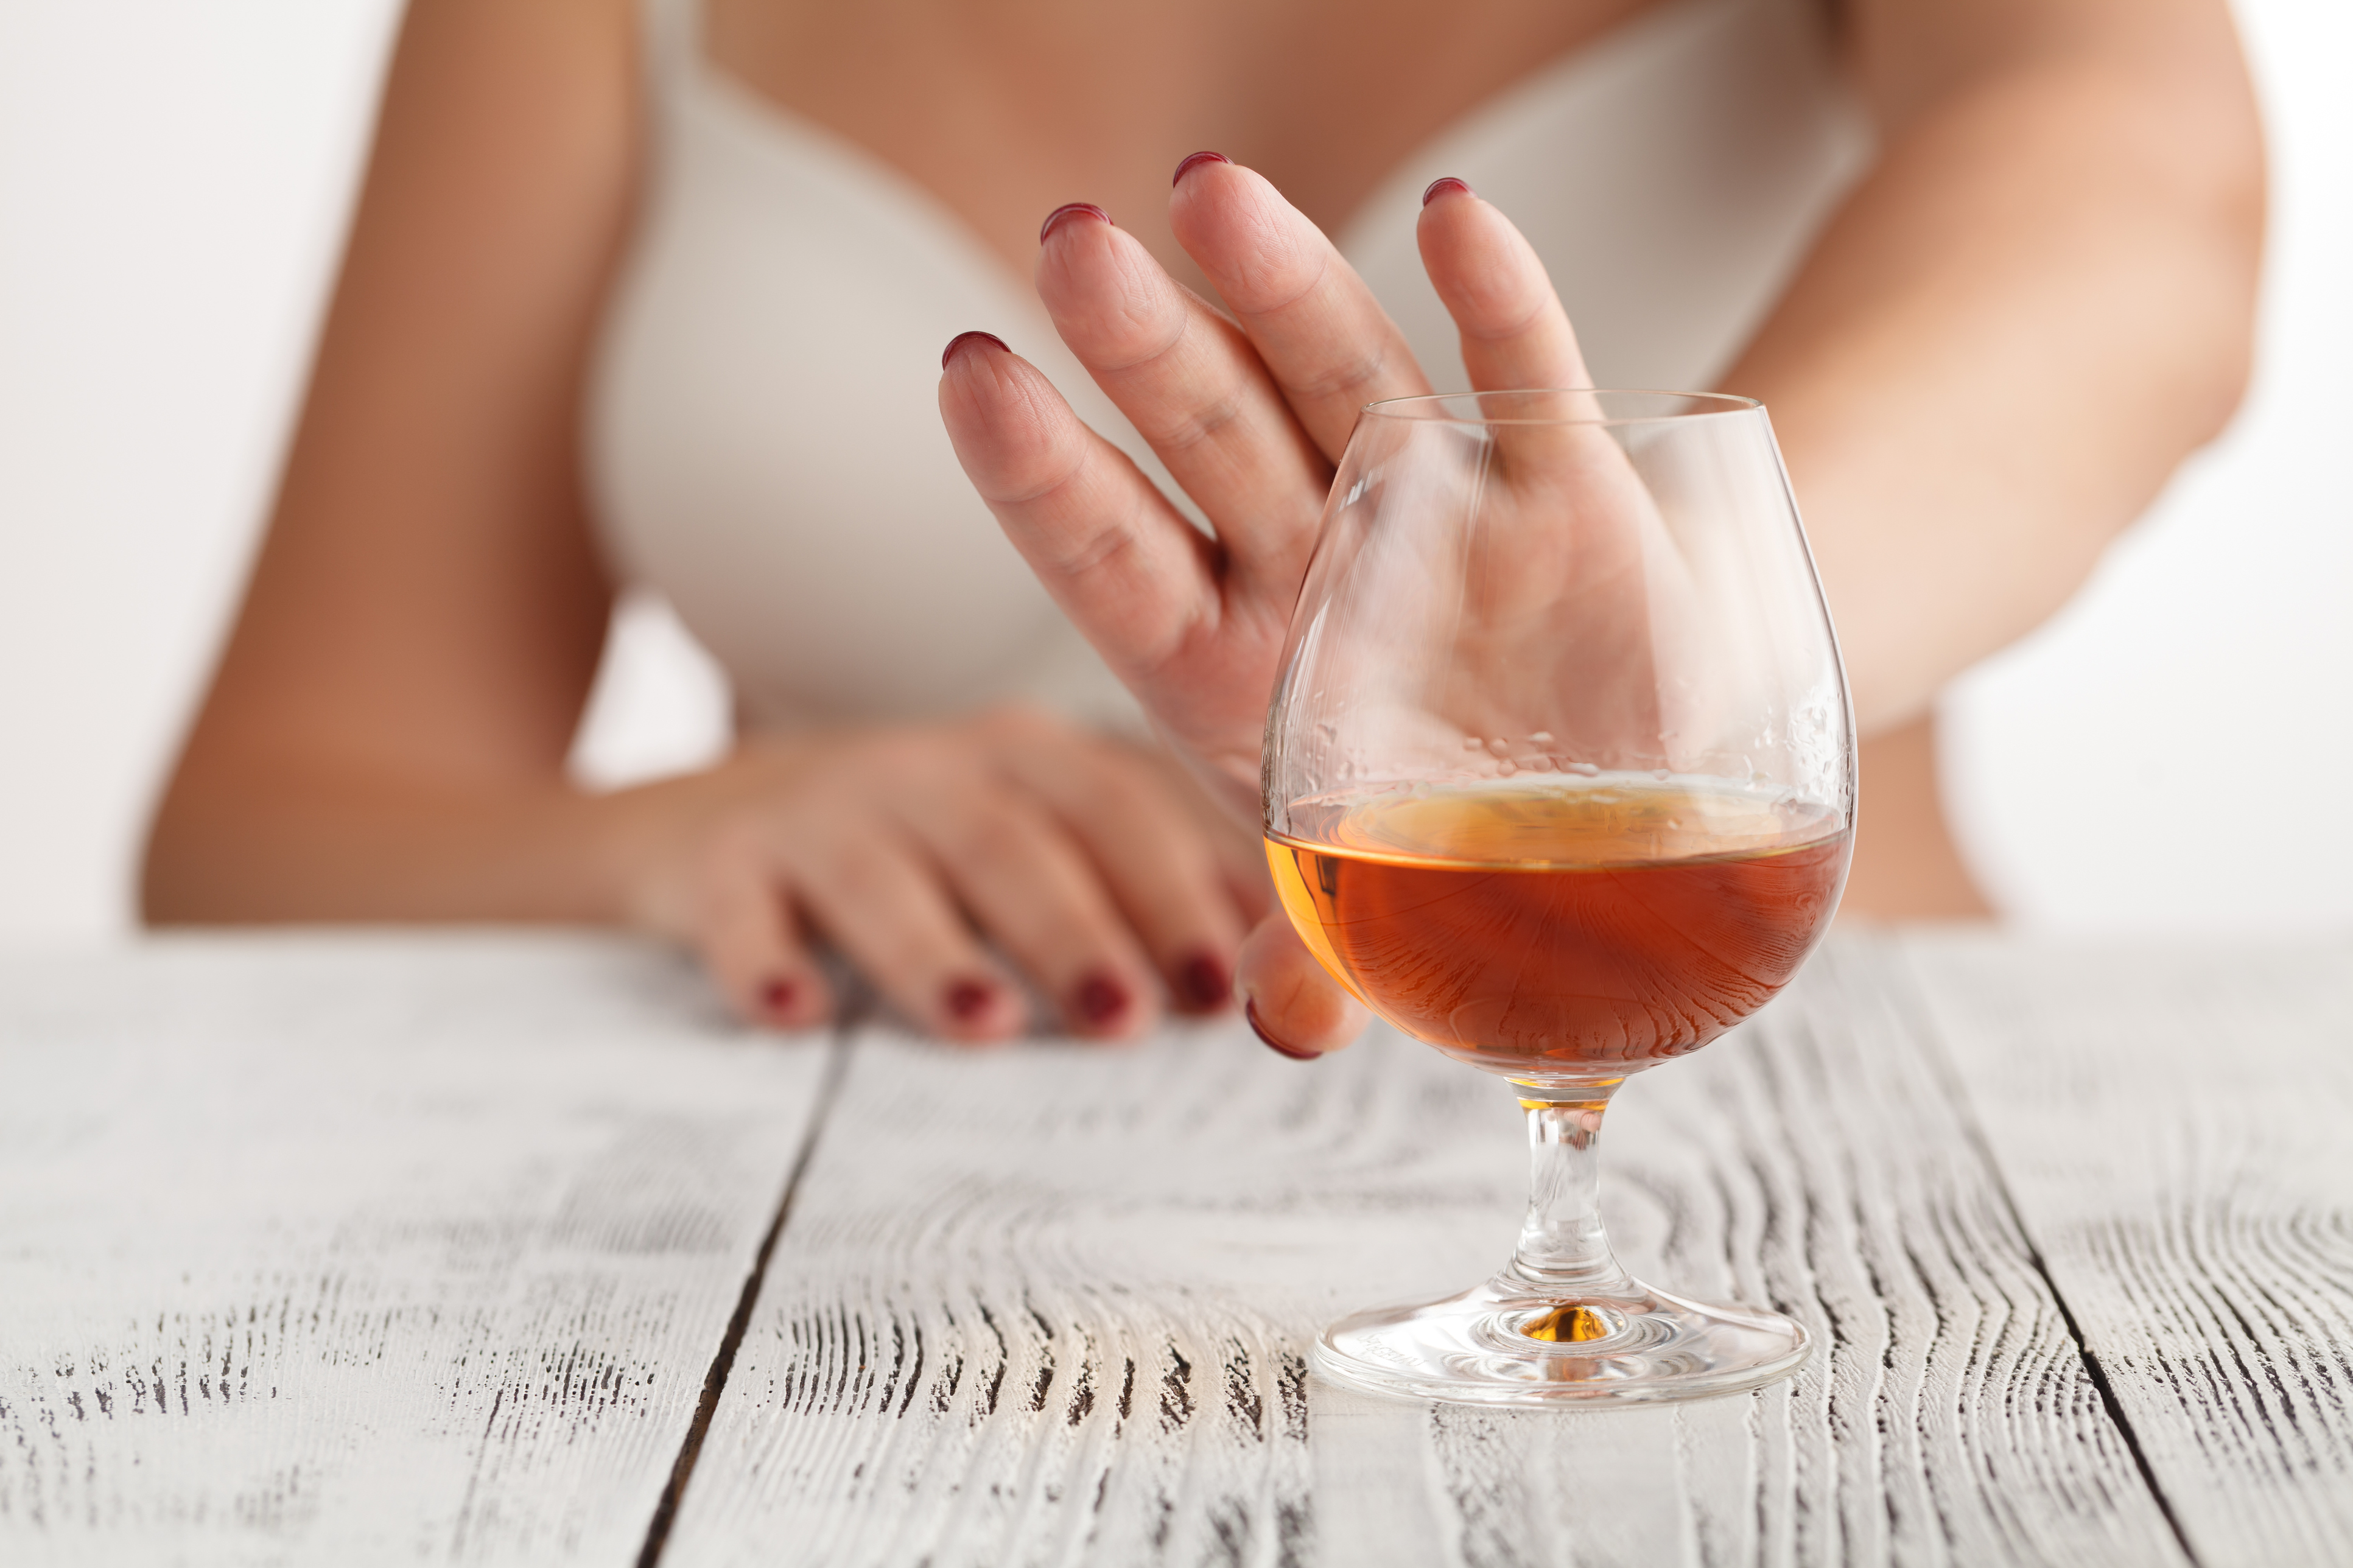 Чим замінити алкоголь, коли тягне до спиртного